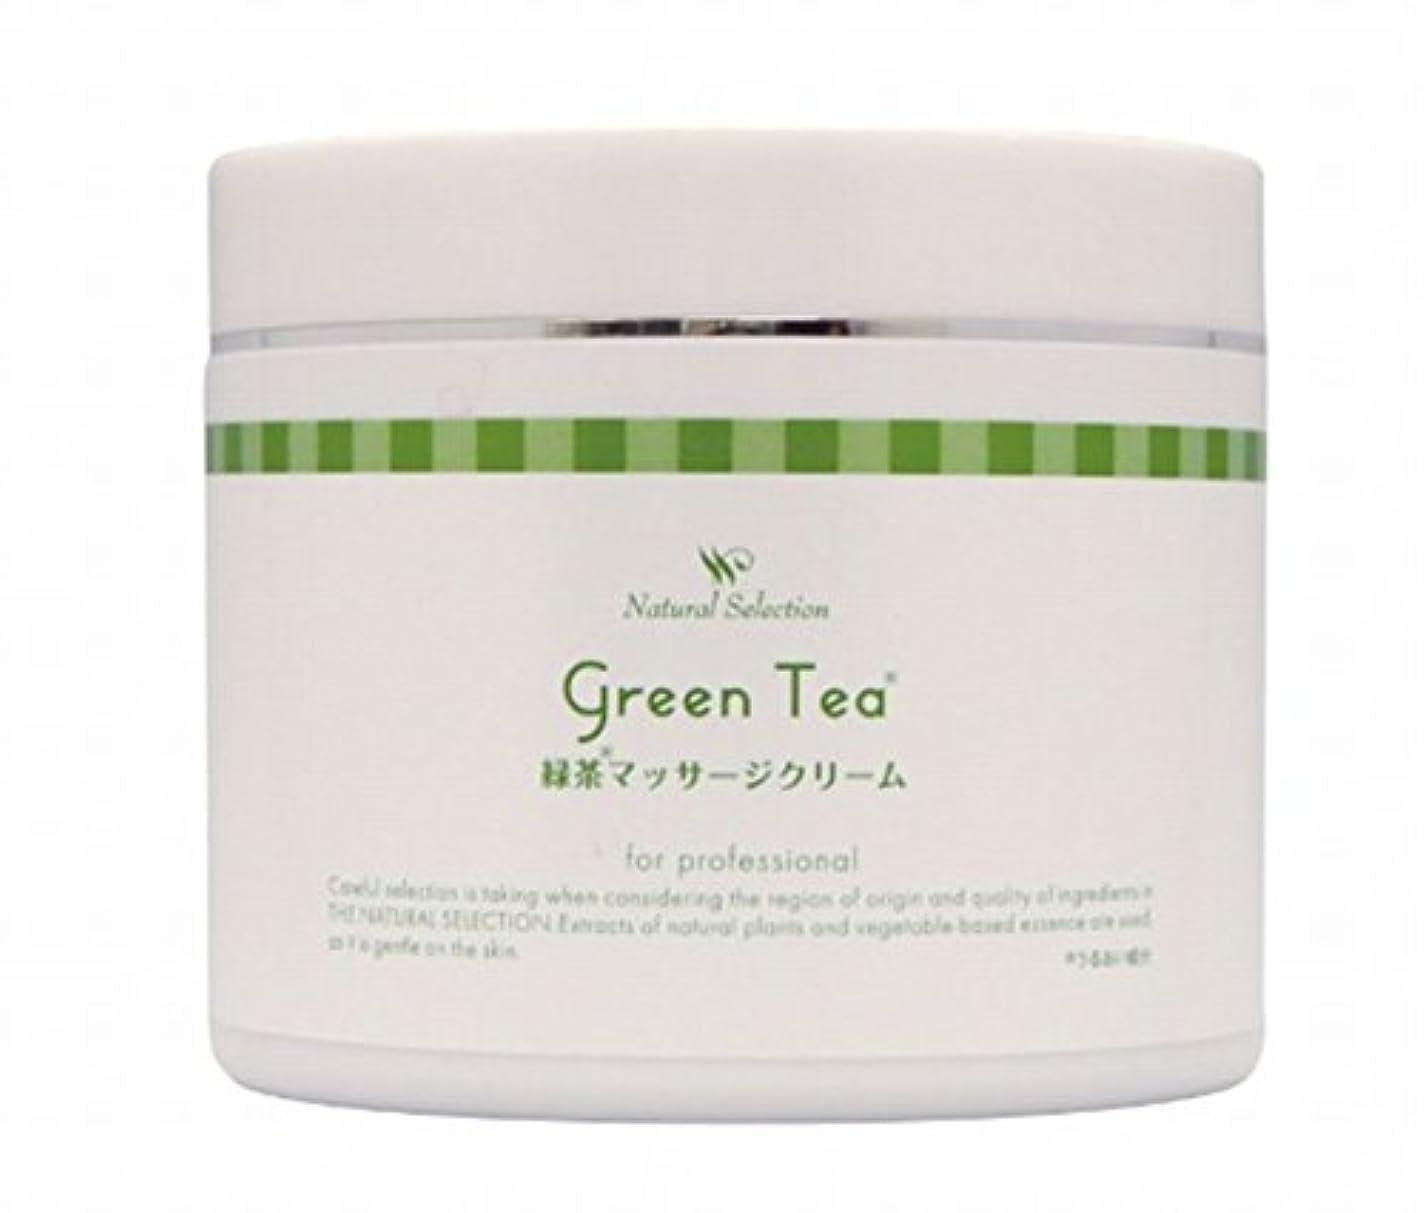 母性ではごきげんようキャンペーン緑茶マッサージクリーム(450g)【フットマッサージ】足もみクリーム 2個セット